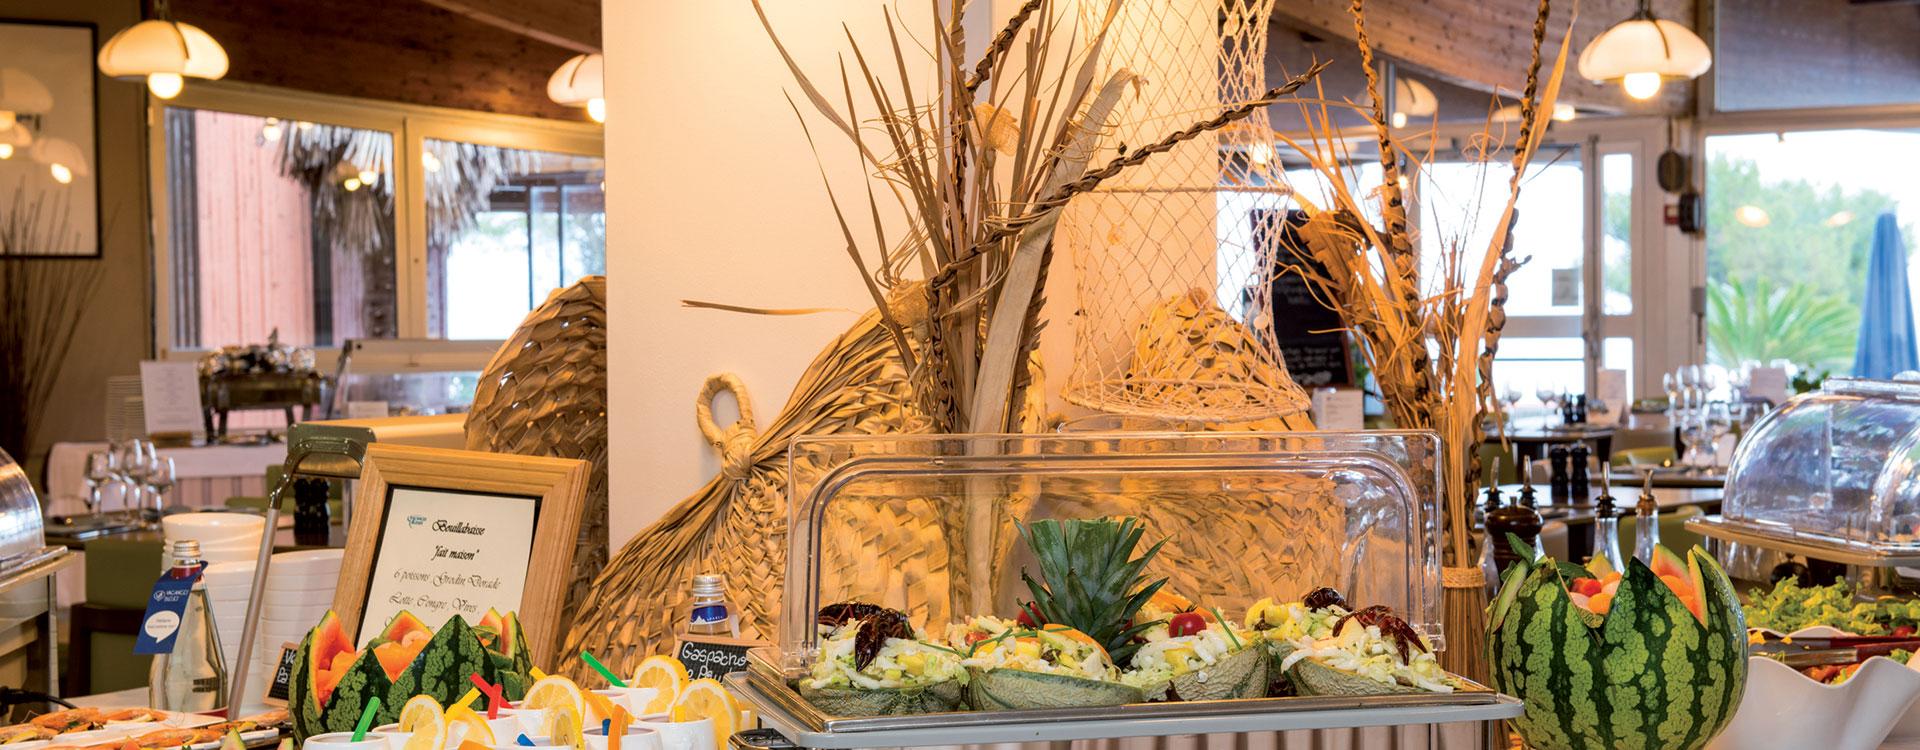 Restaurant buffet Delcloy